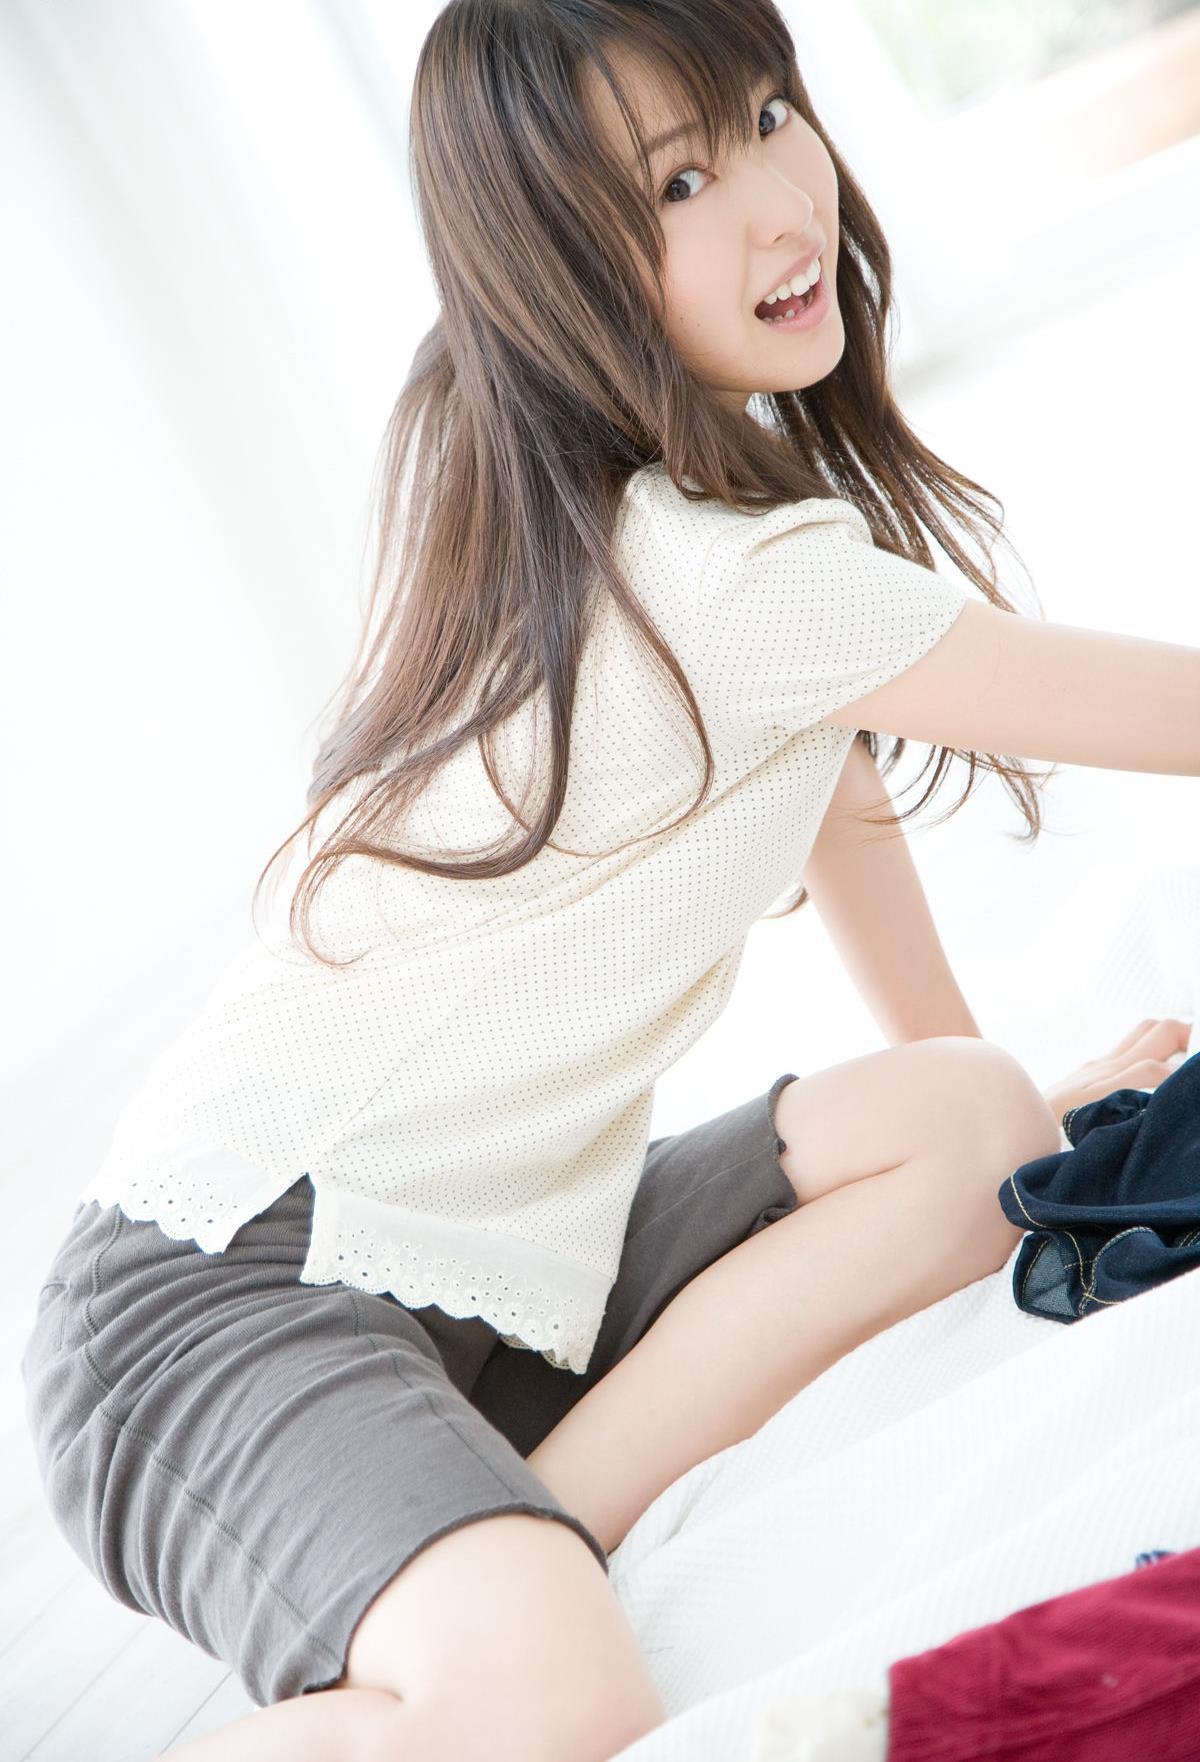 戸田恵梨香 画像 46